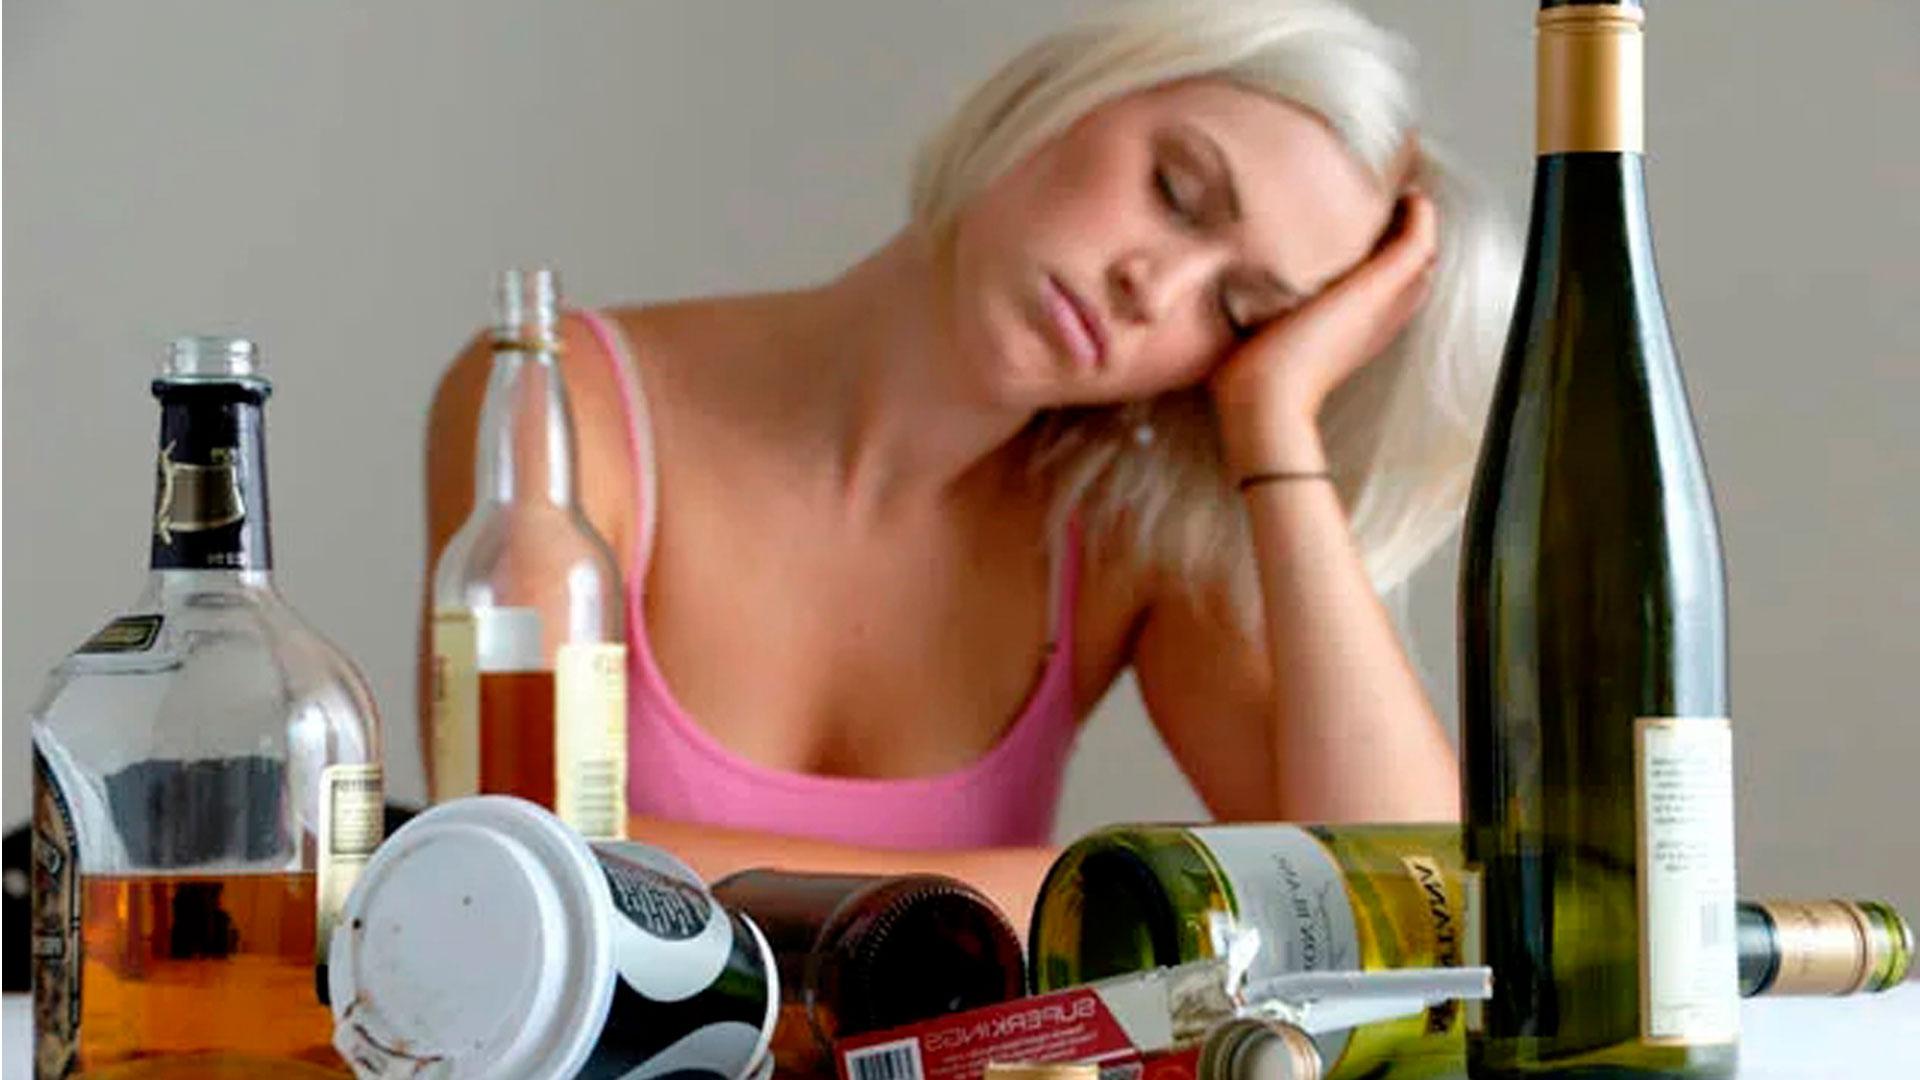 Как избавиться от похмелья, что делать если плохо после пьянки